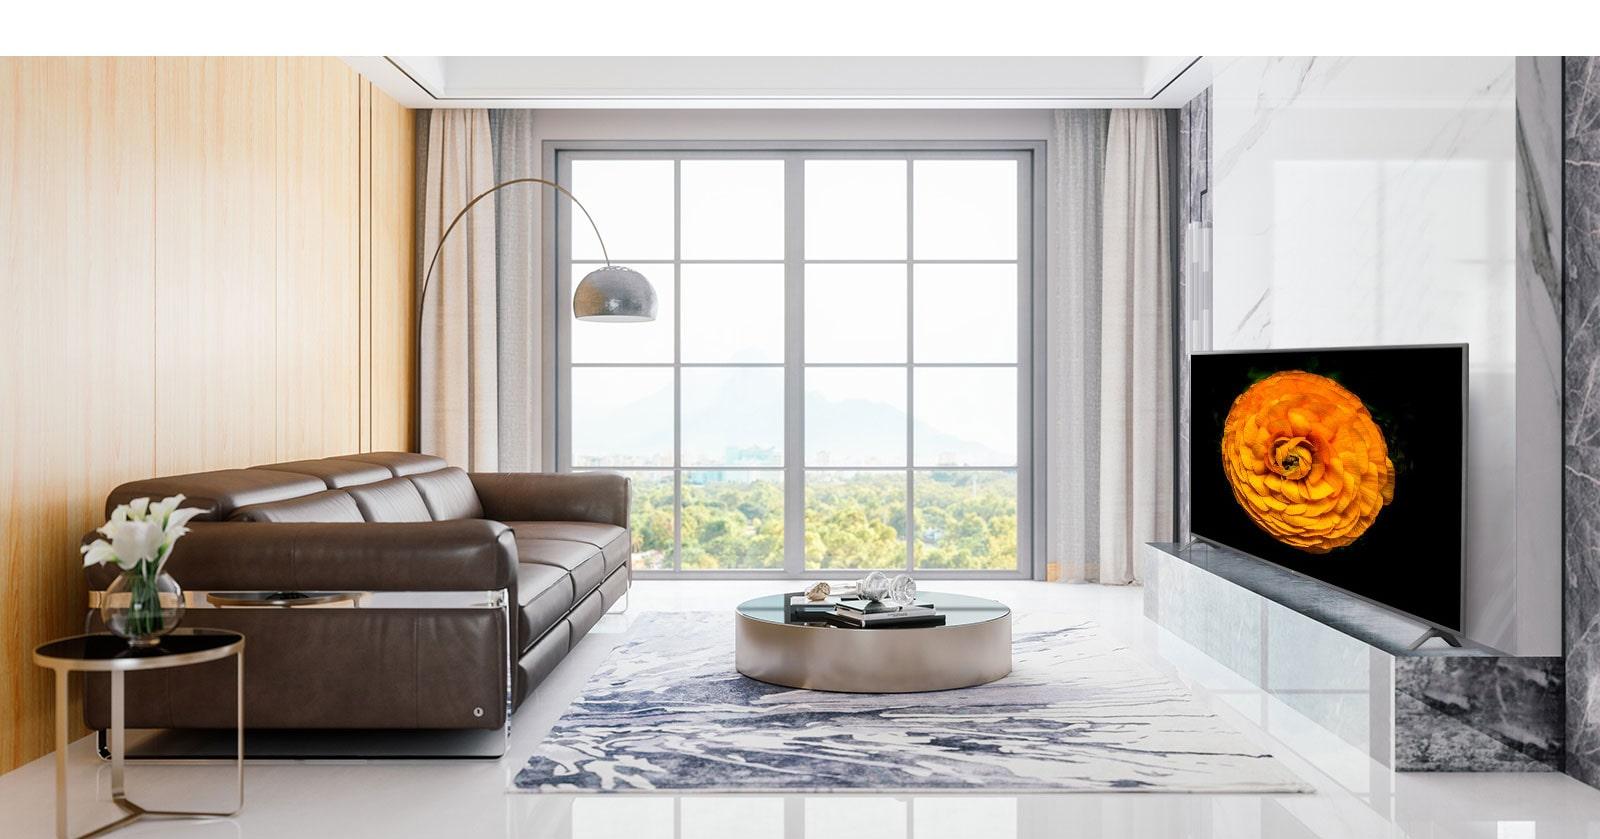 LG UHD TV na steni v dnevni sobi z minimalistično notranjostjo. Na TV zaslonu se prikaže slika rože.